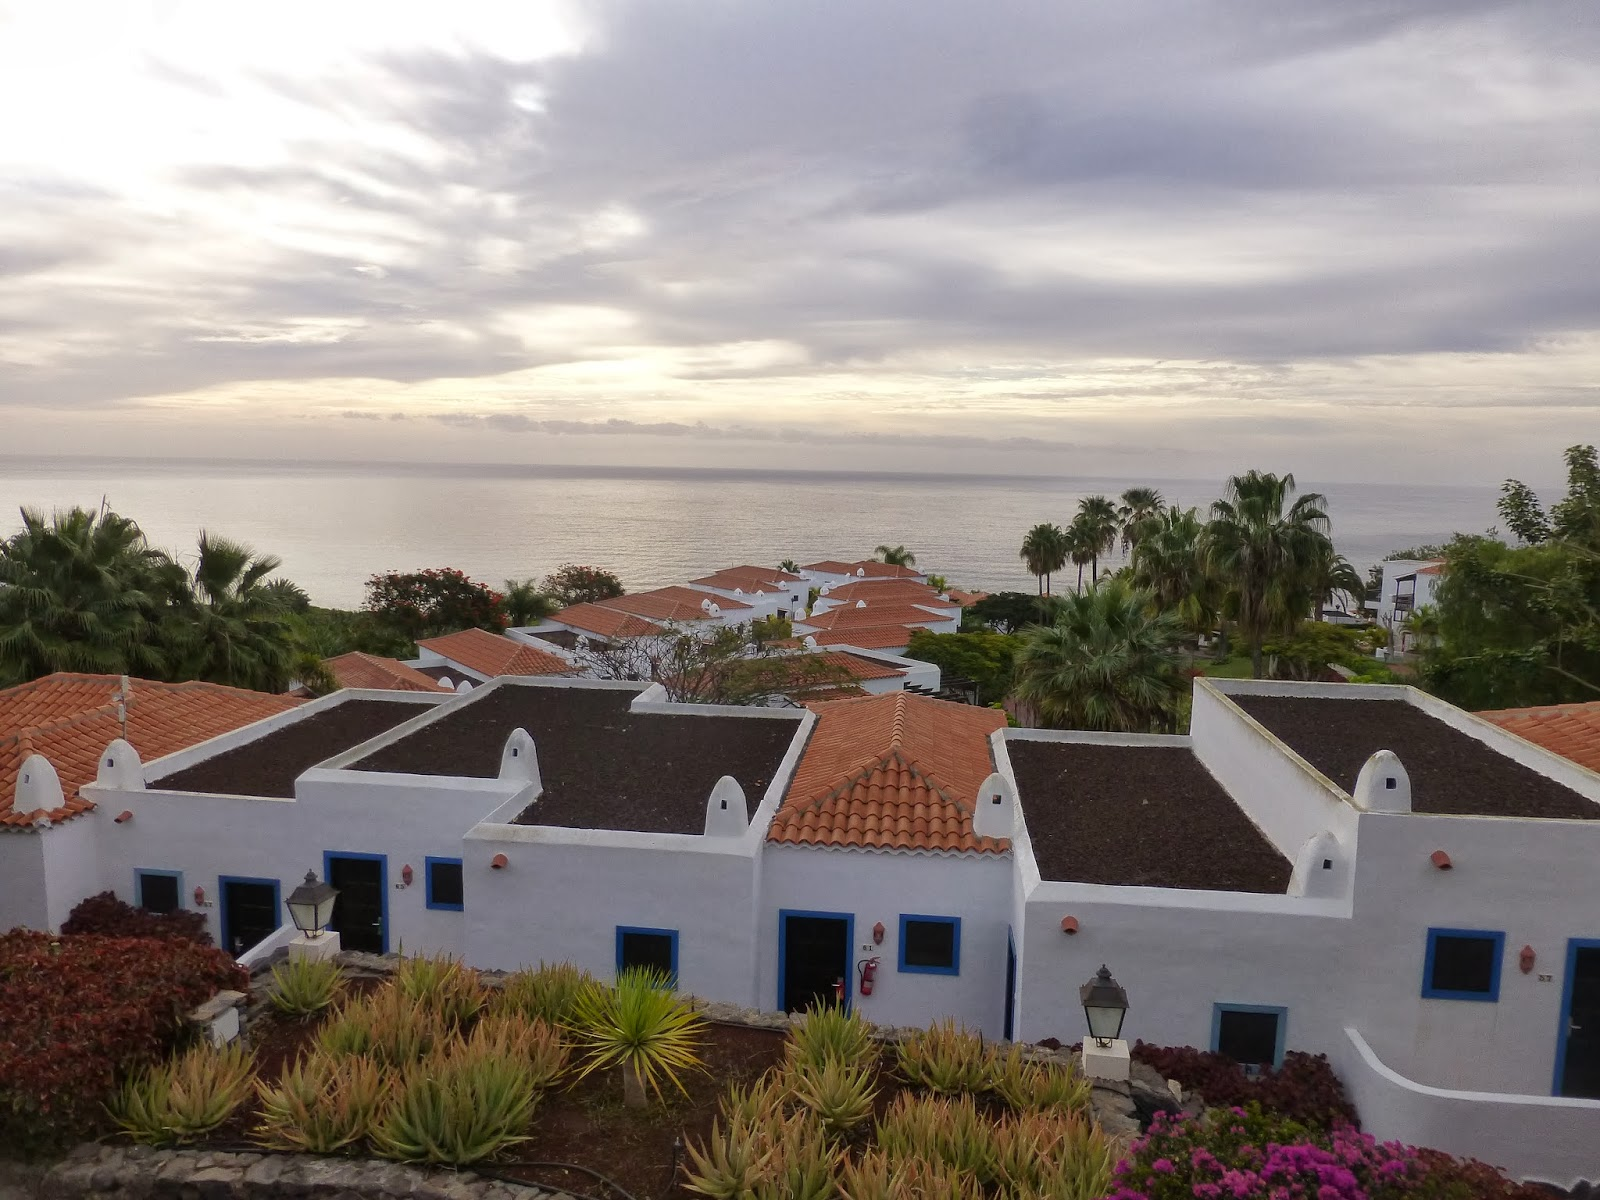 Aases verden hotel jardin tecina la gomera for Jardin tecina gomera